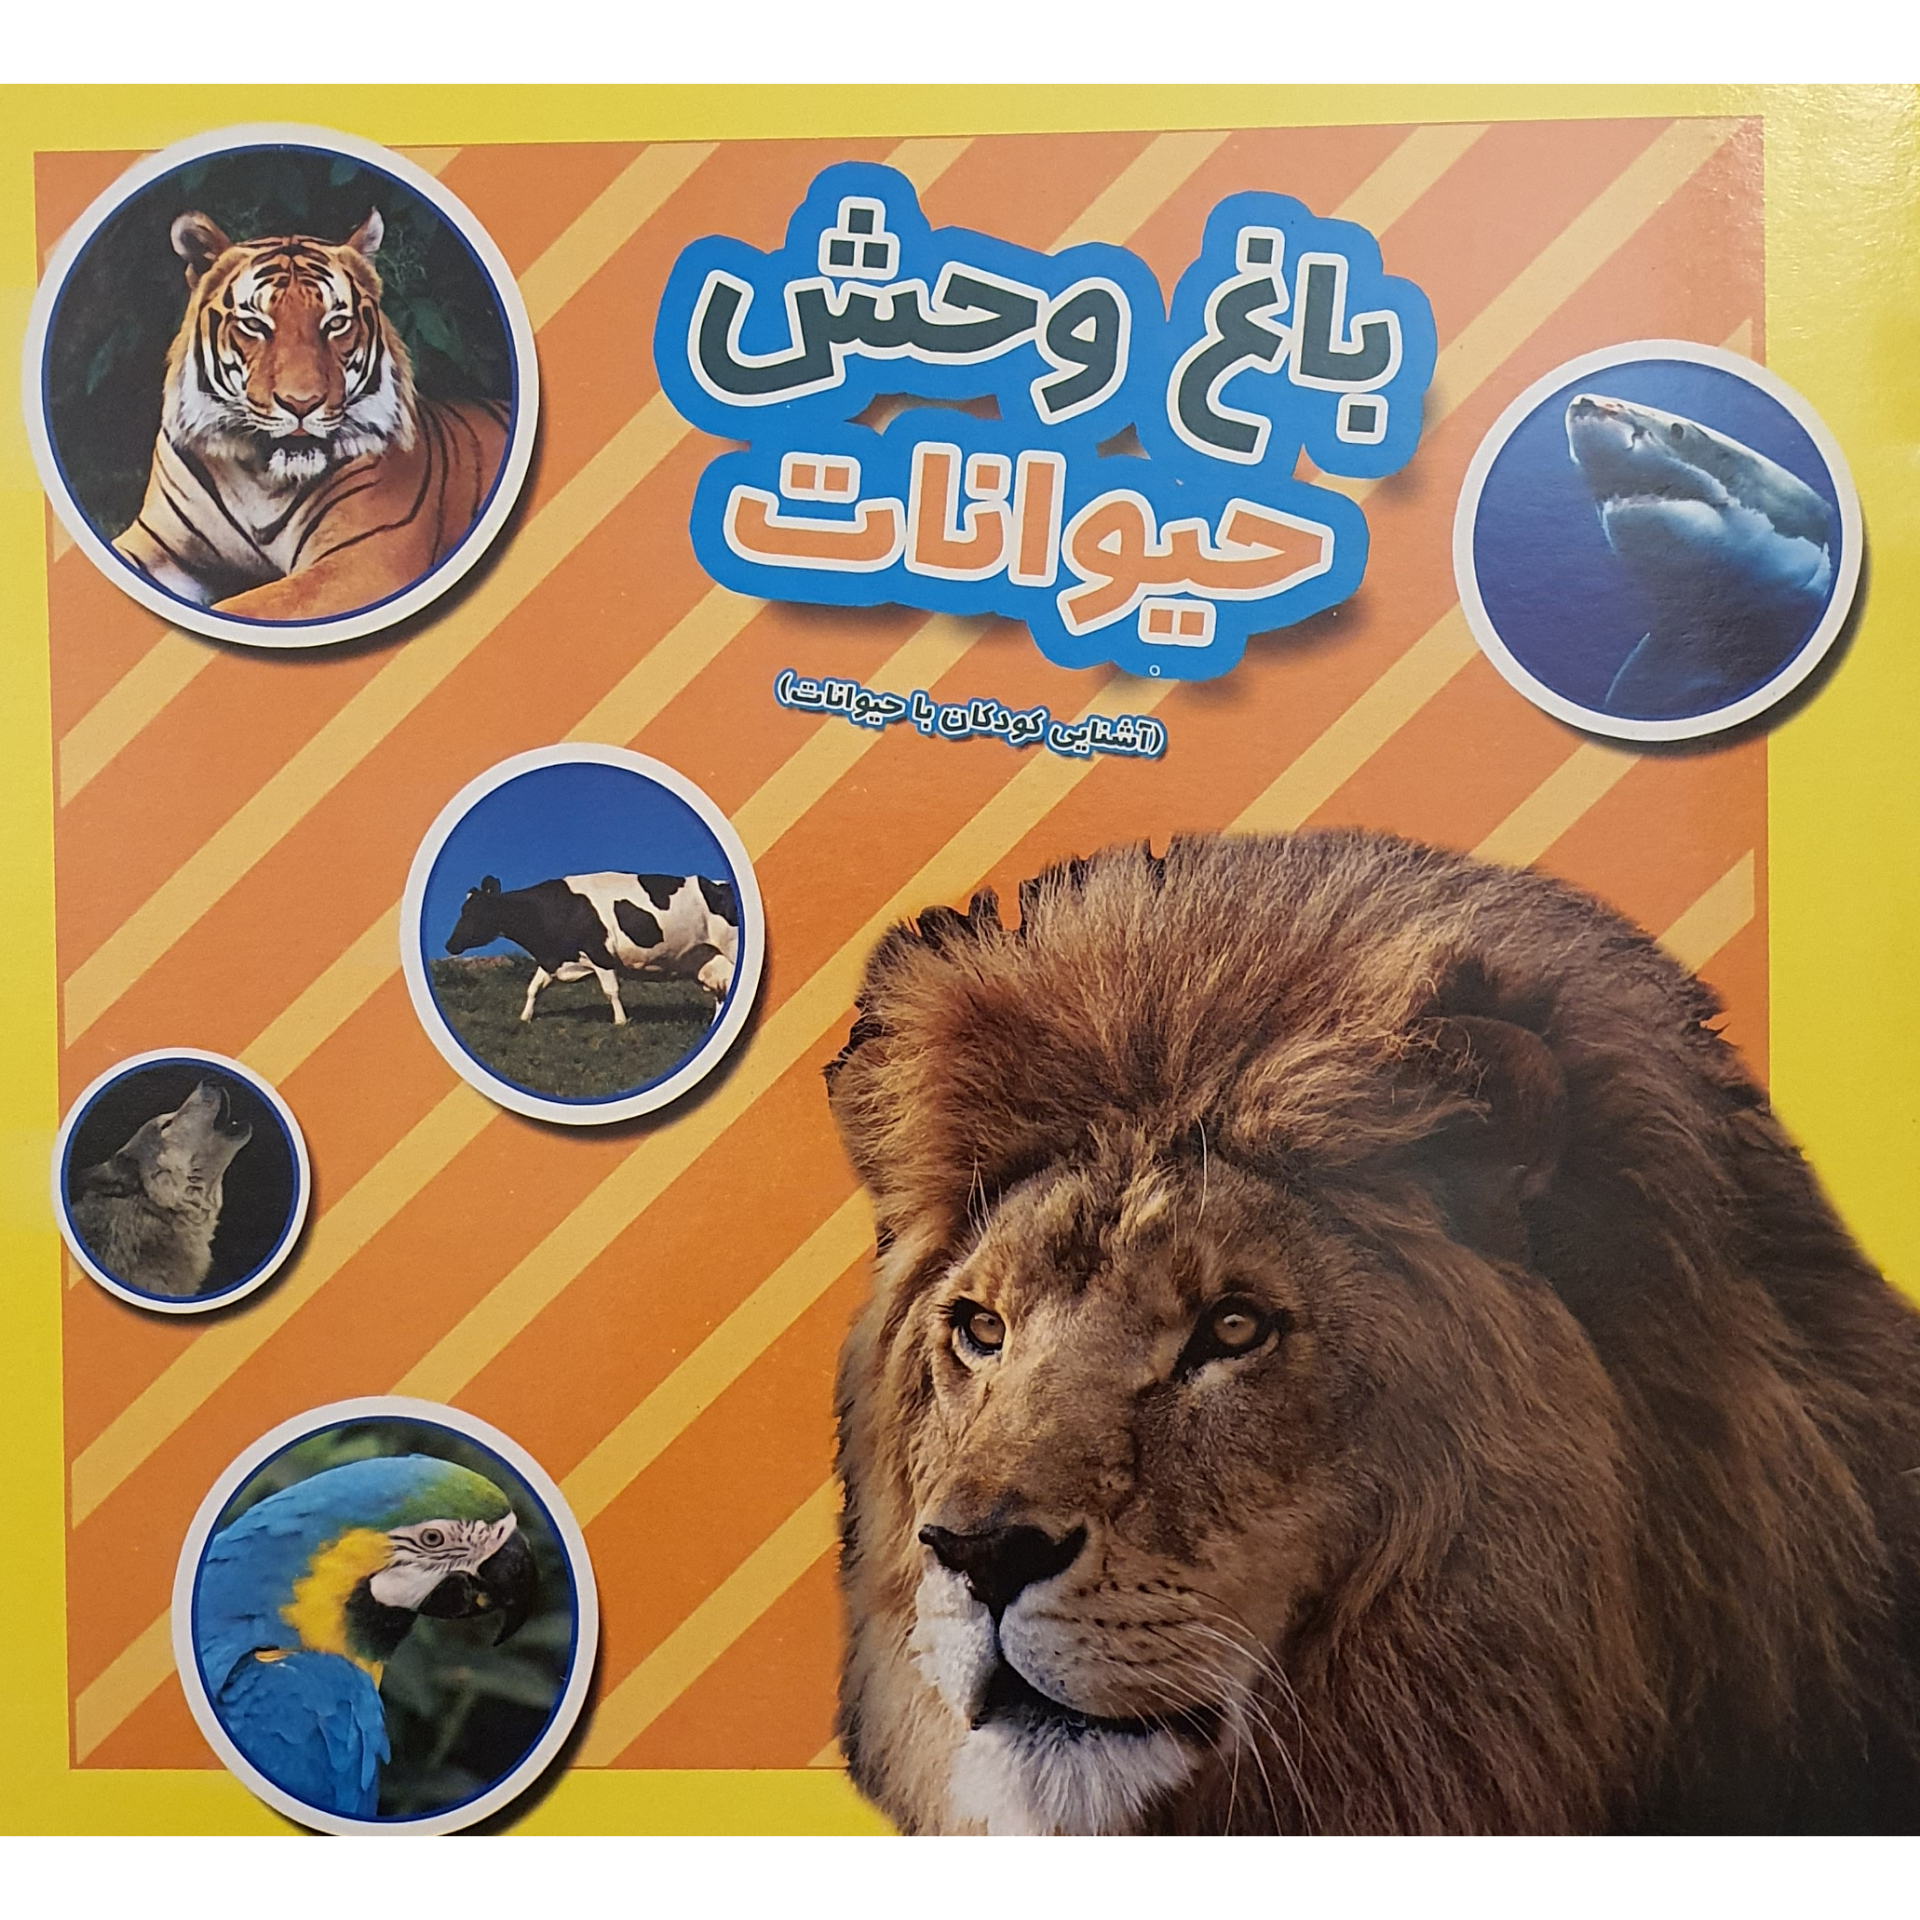 کتاب باغ وحش حیوانات آشنایی کودکان با حیوانات اثر فرزاد رضایی نشر آبشن